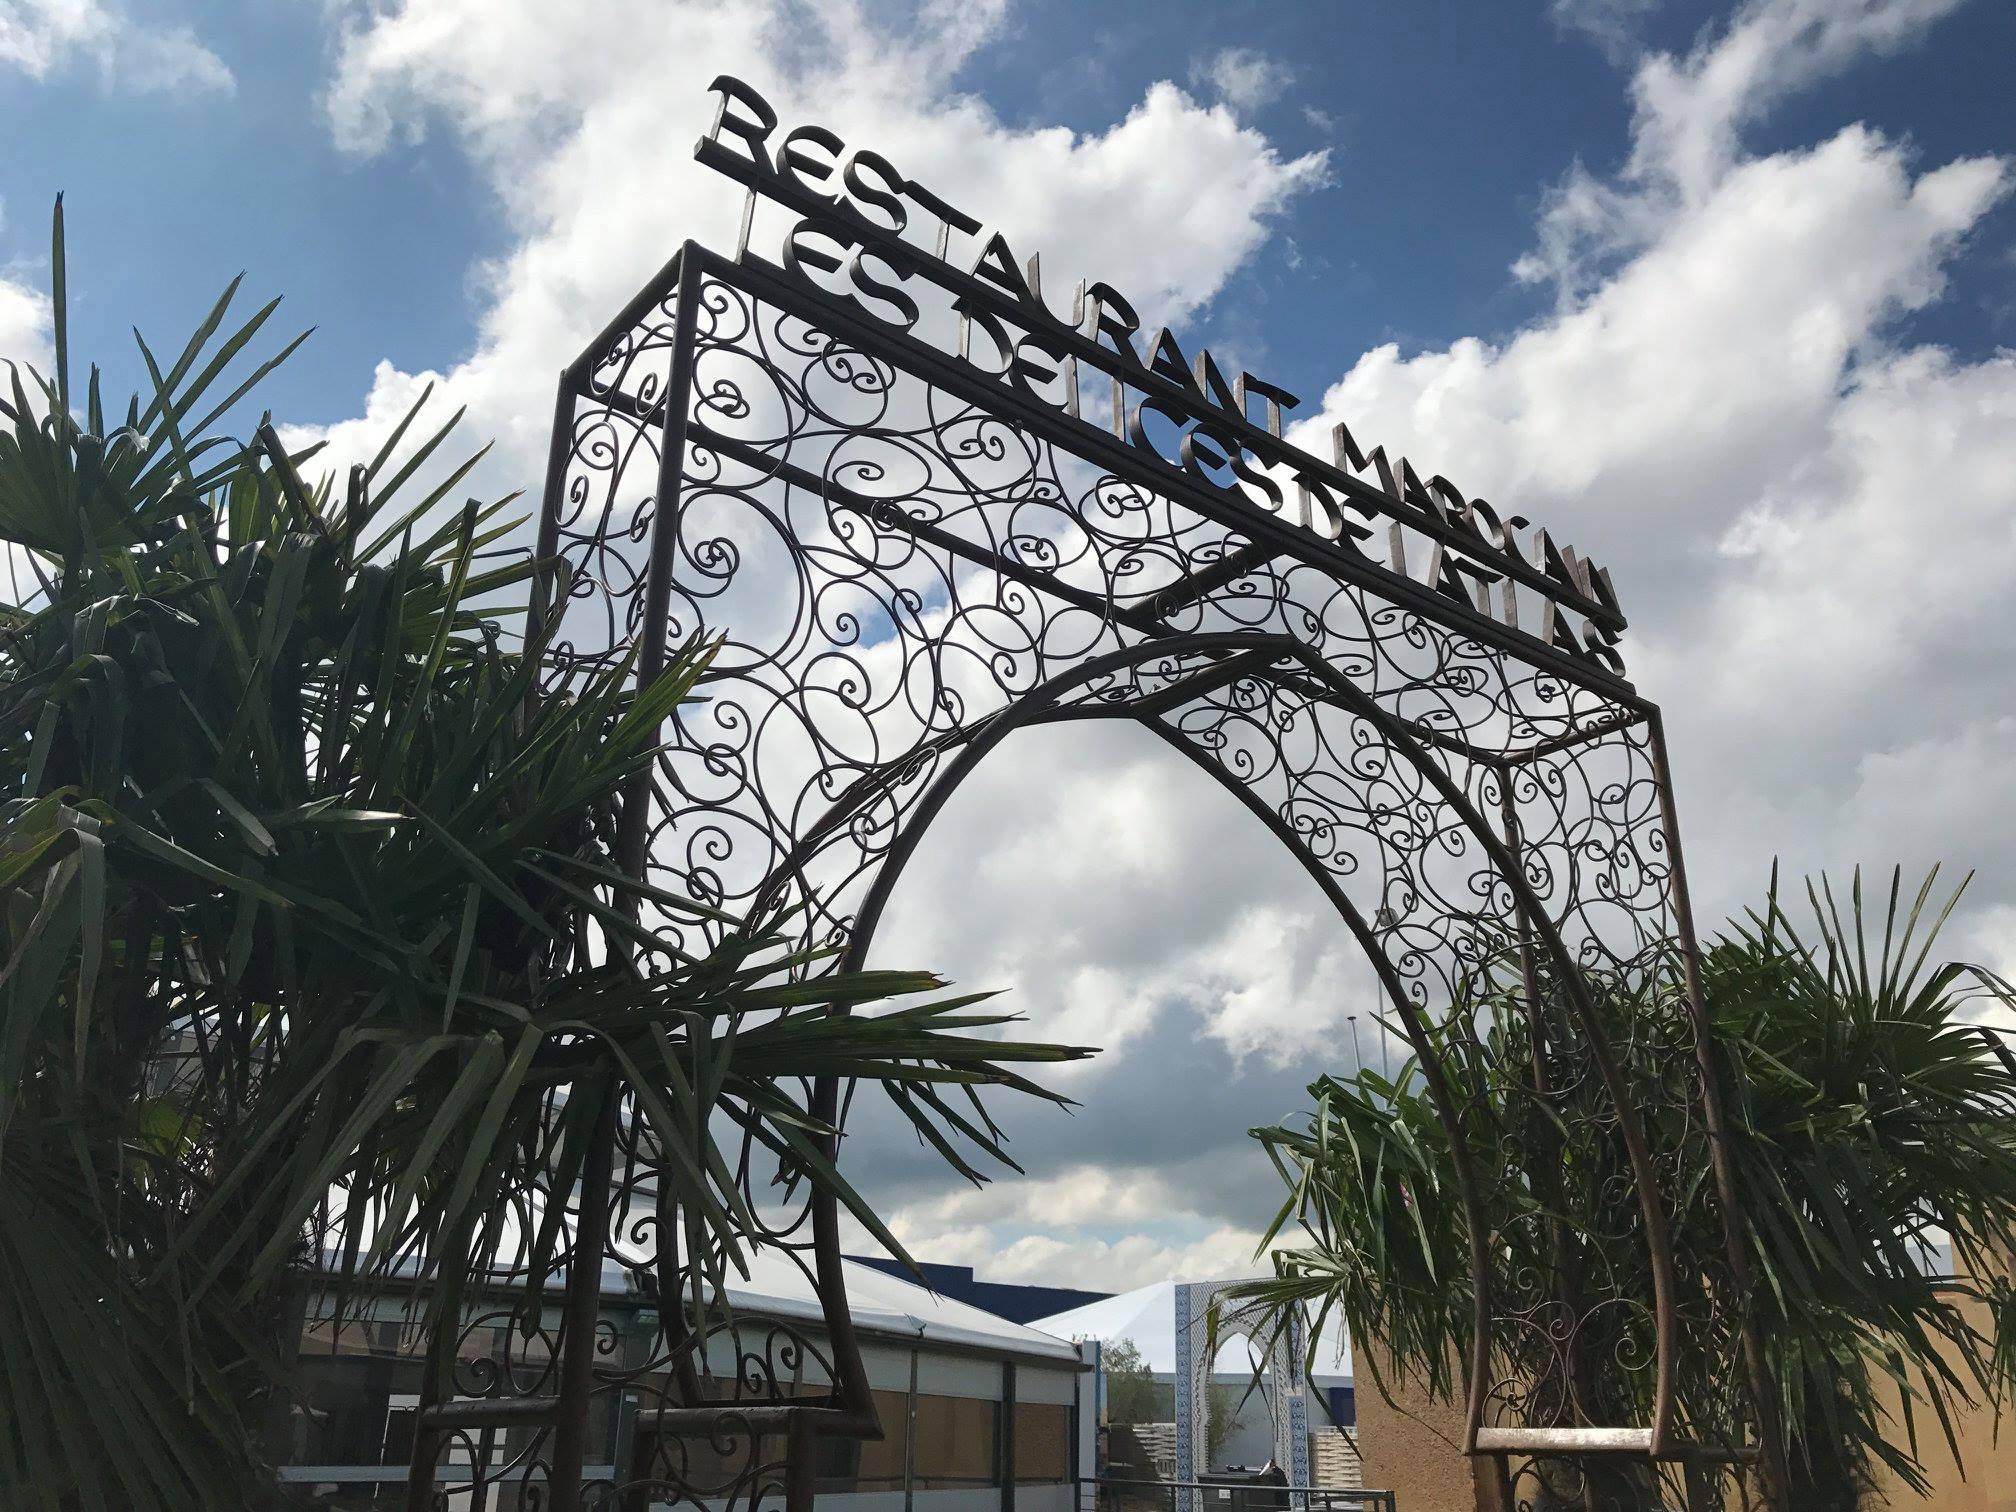 Arche du Restaurant Les Délices de l'Atlas à la Foire de Tours 2018. Source : Page facebook de la Foire de Tours